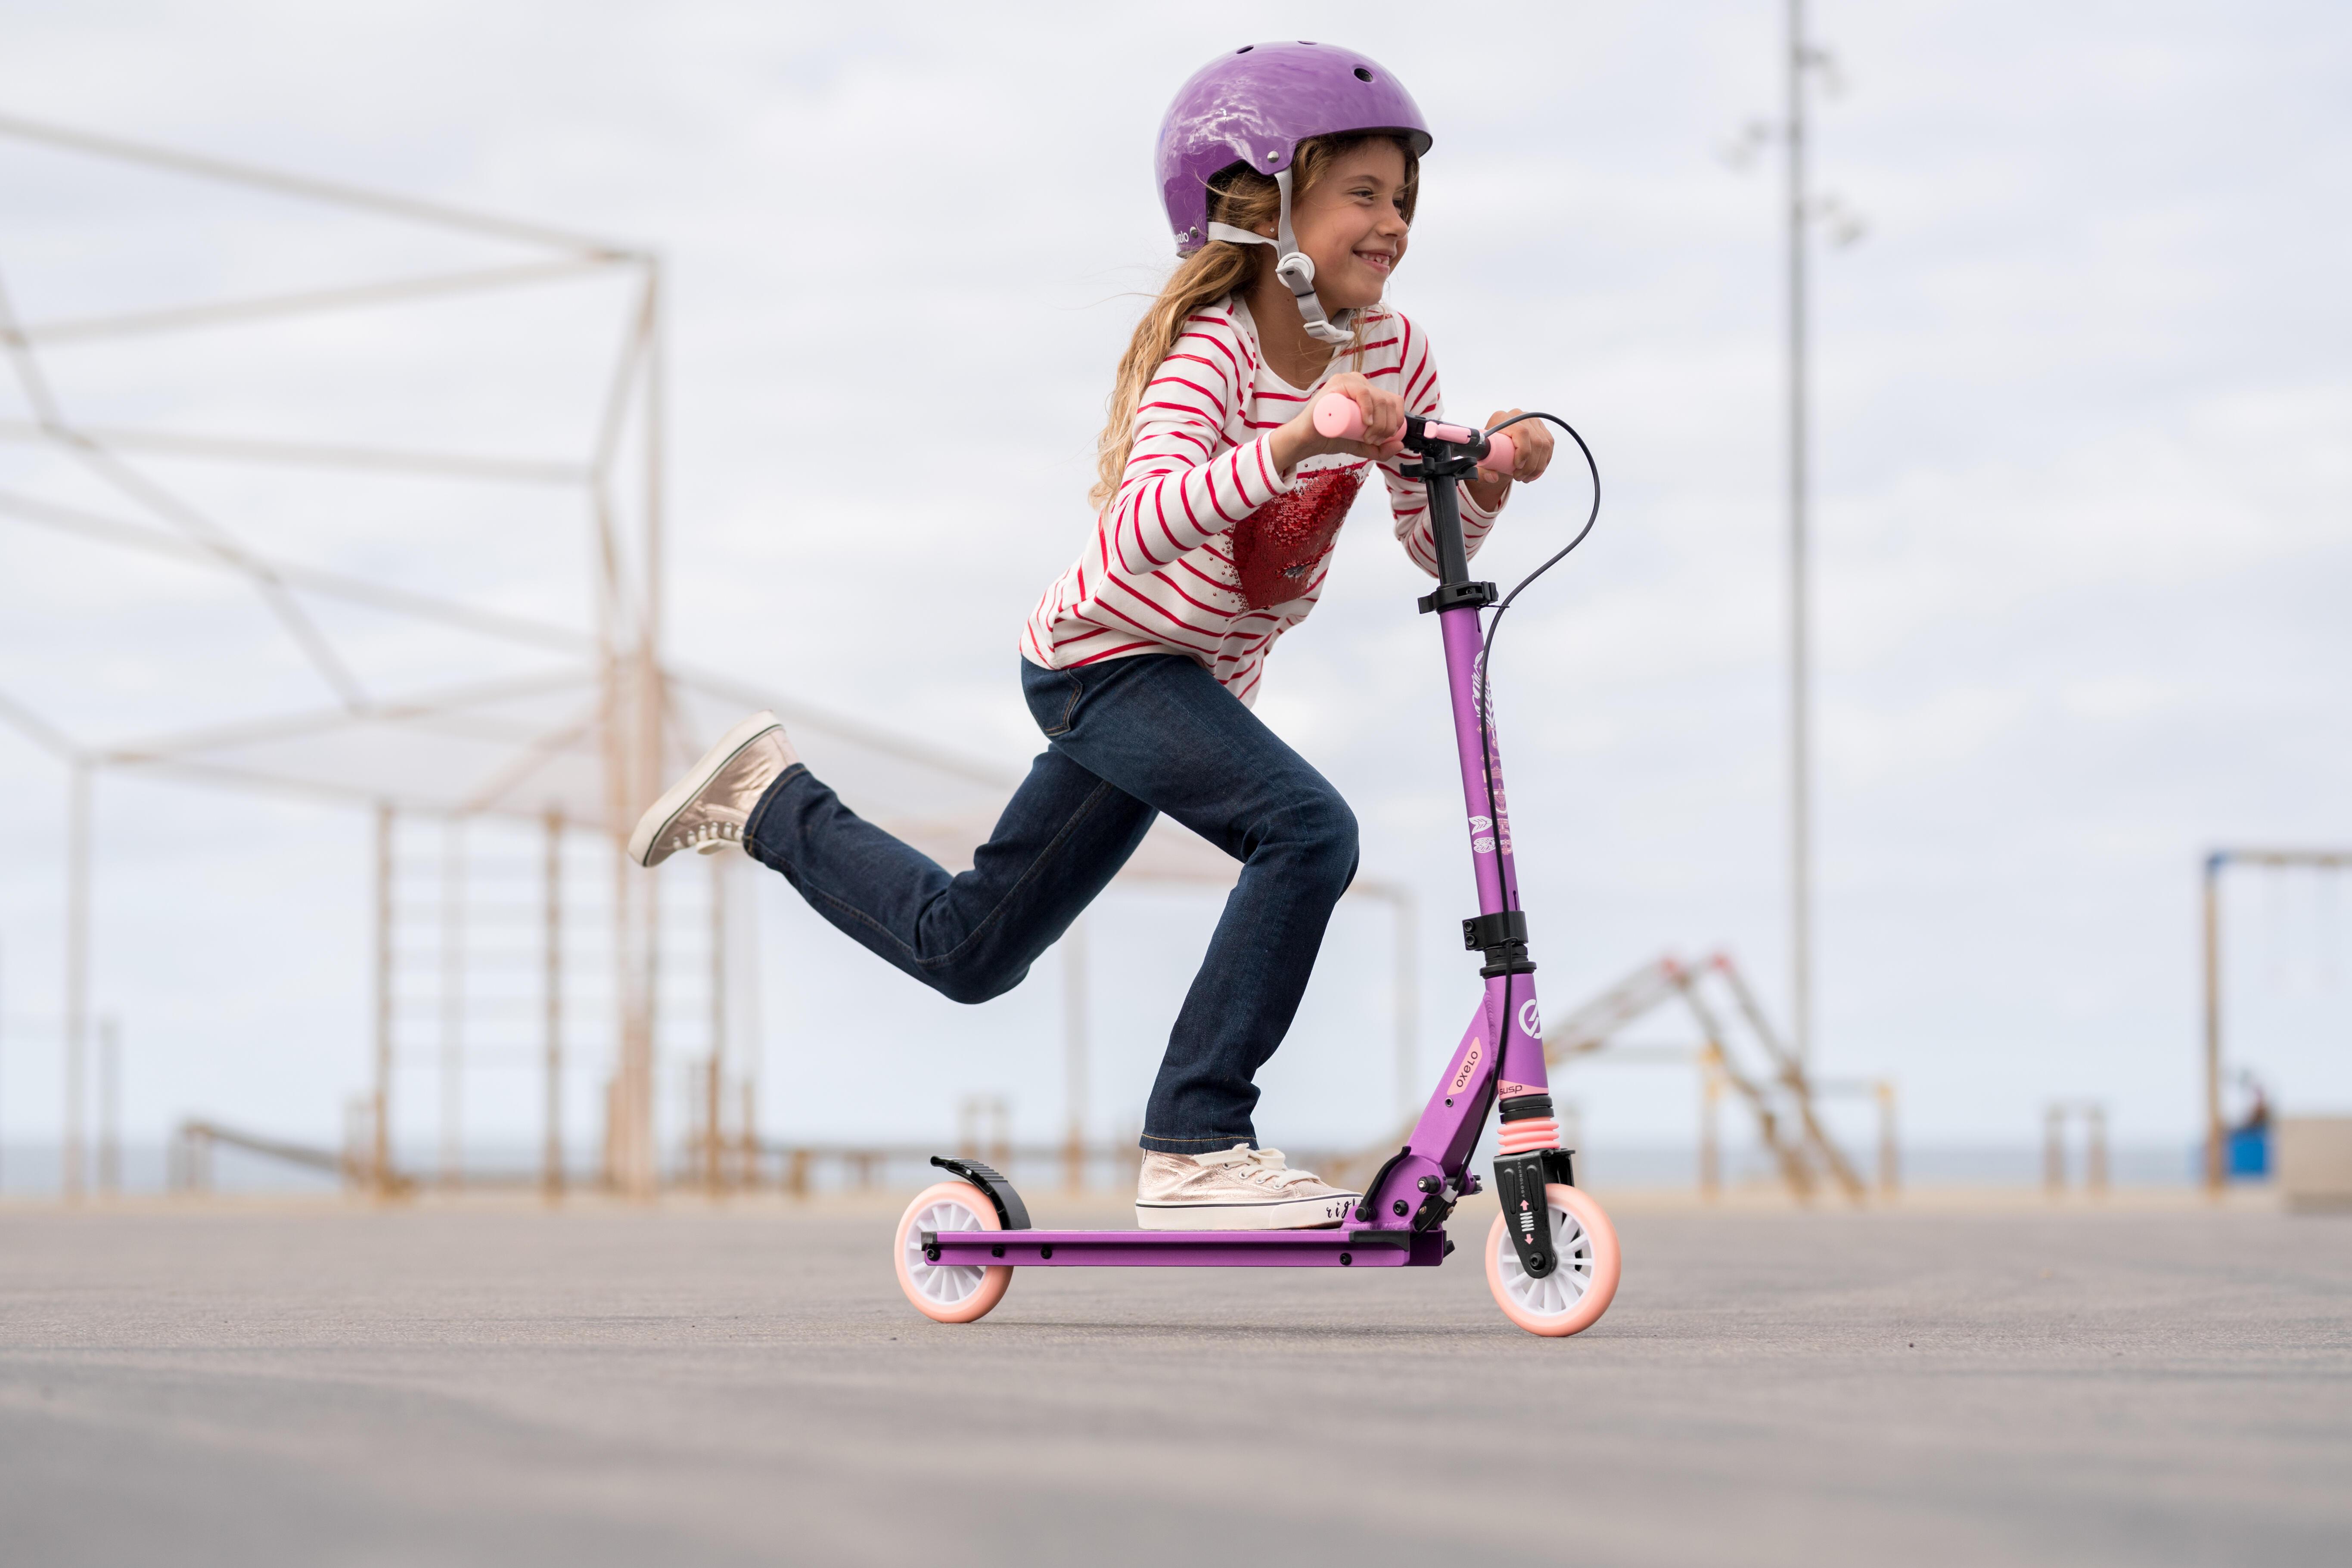 scooter kaskı